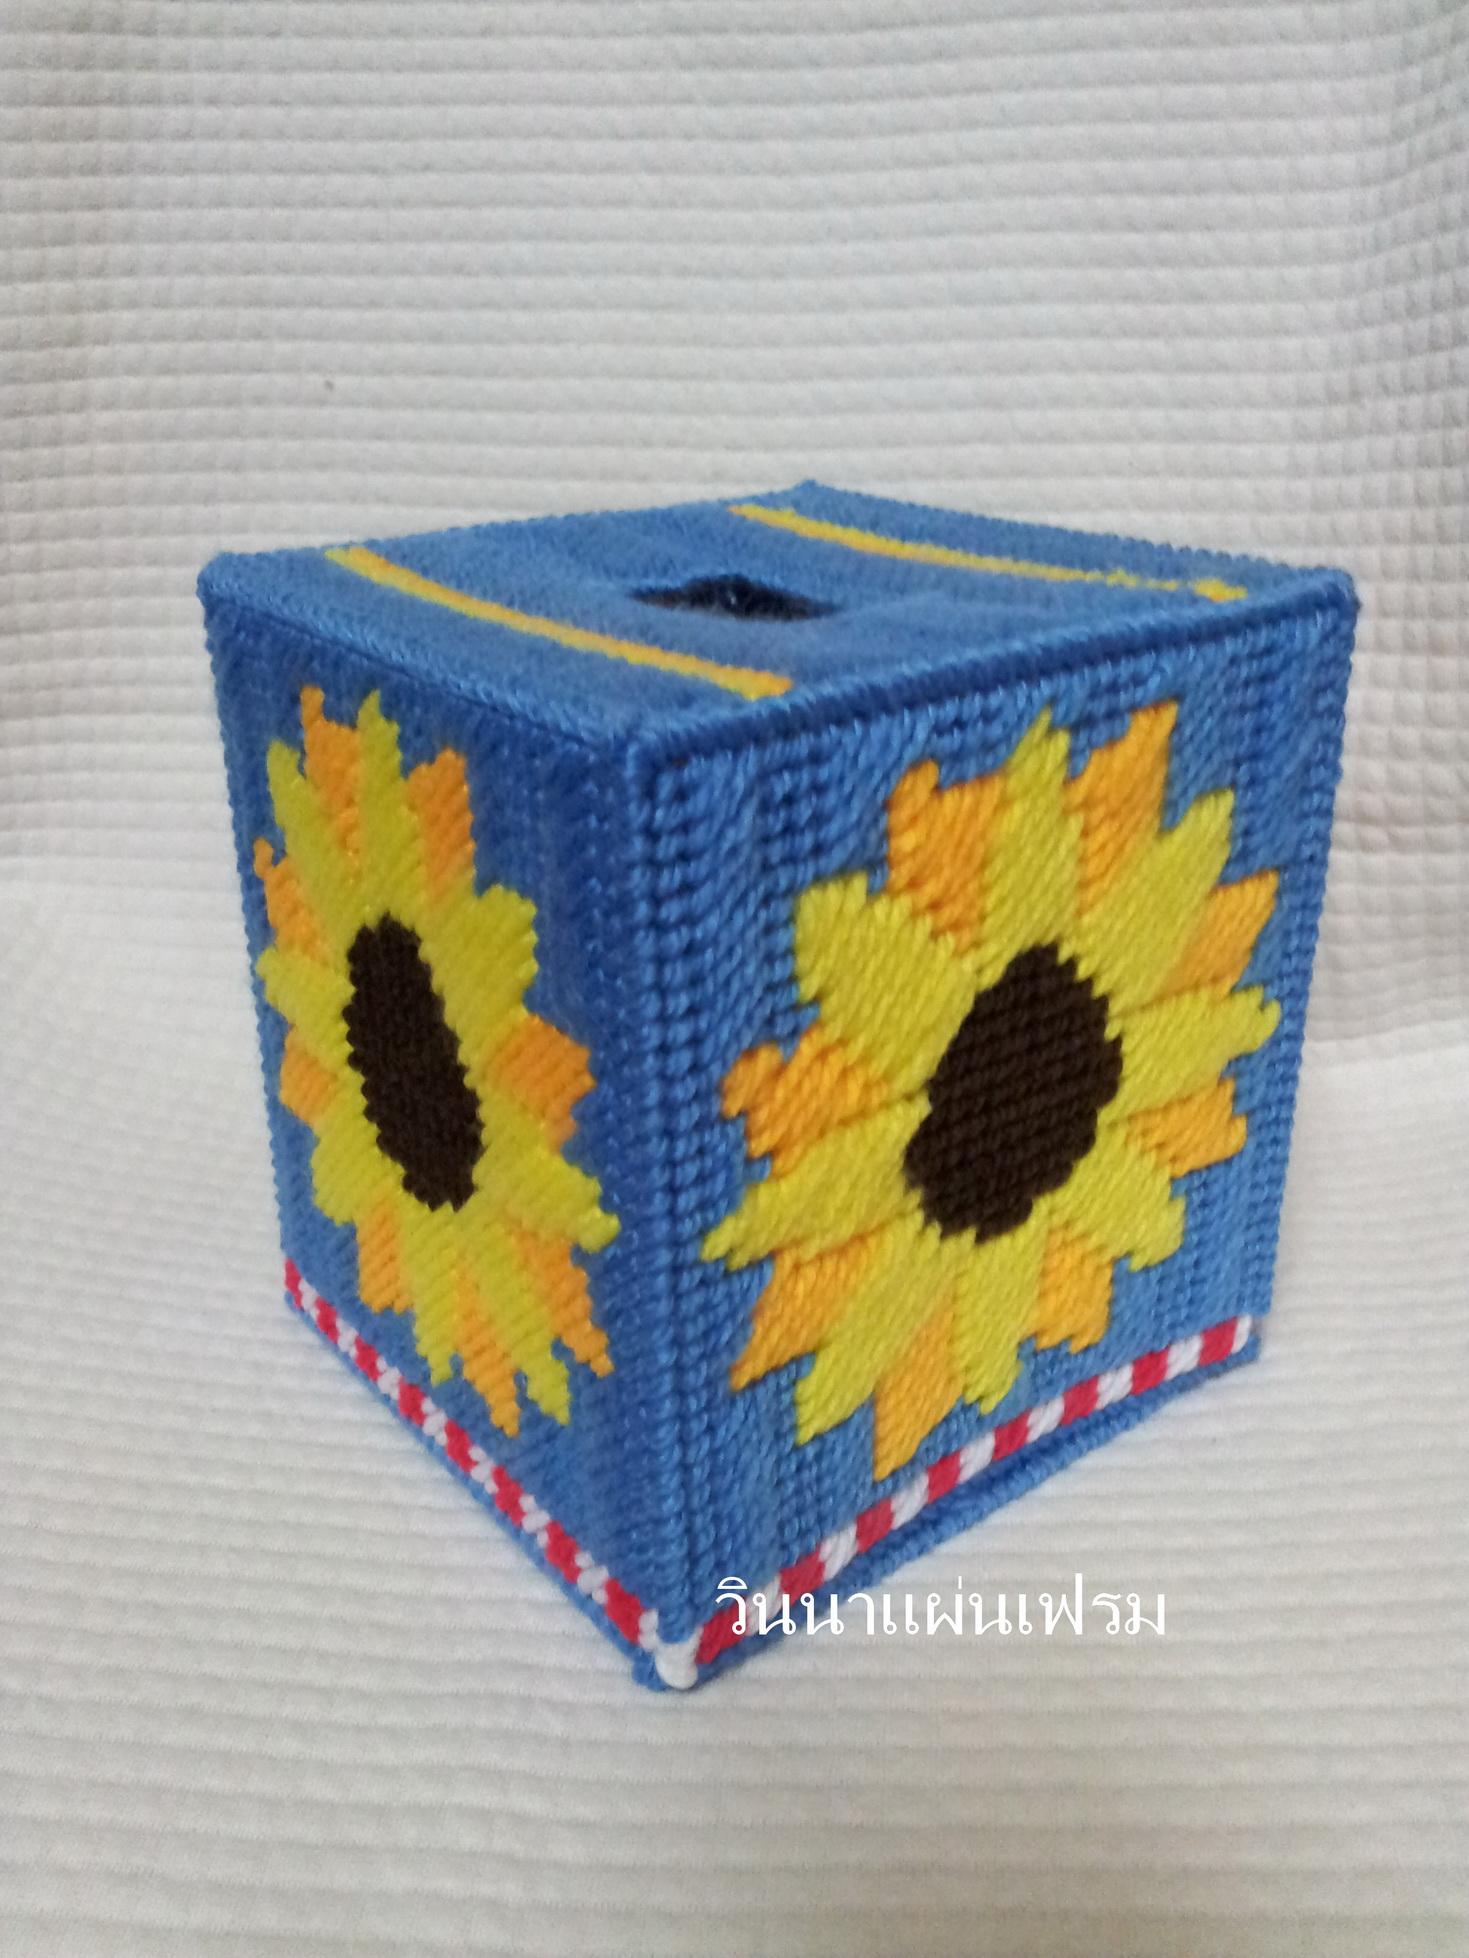 กล่องทิชชูลายดอกทานตะวันสีฟ้า (ทำสำเร็จ)